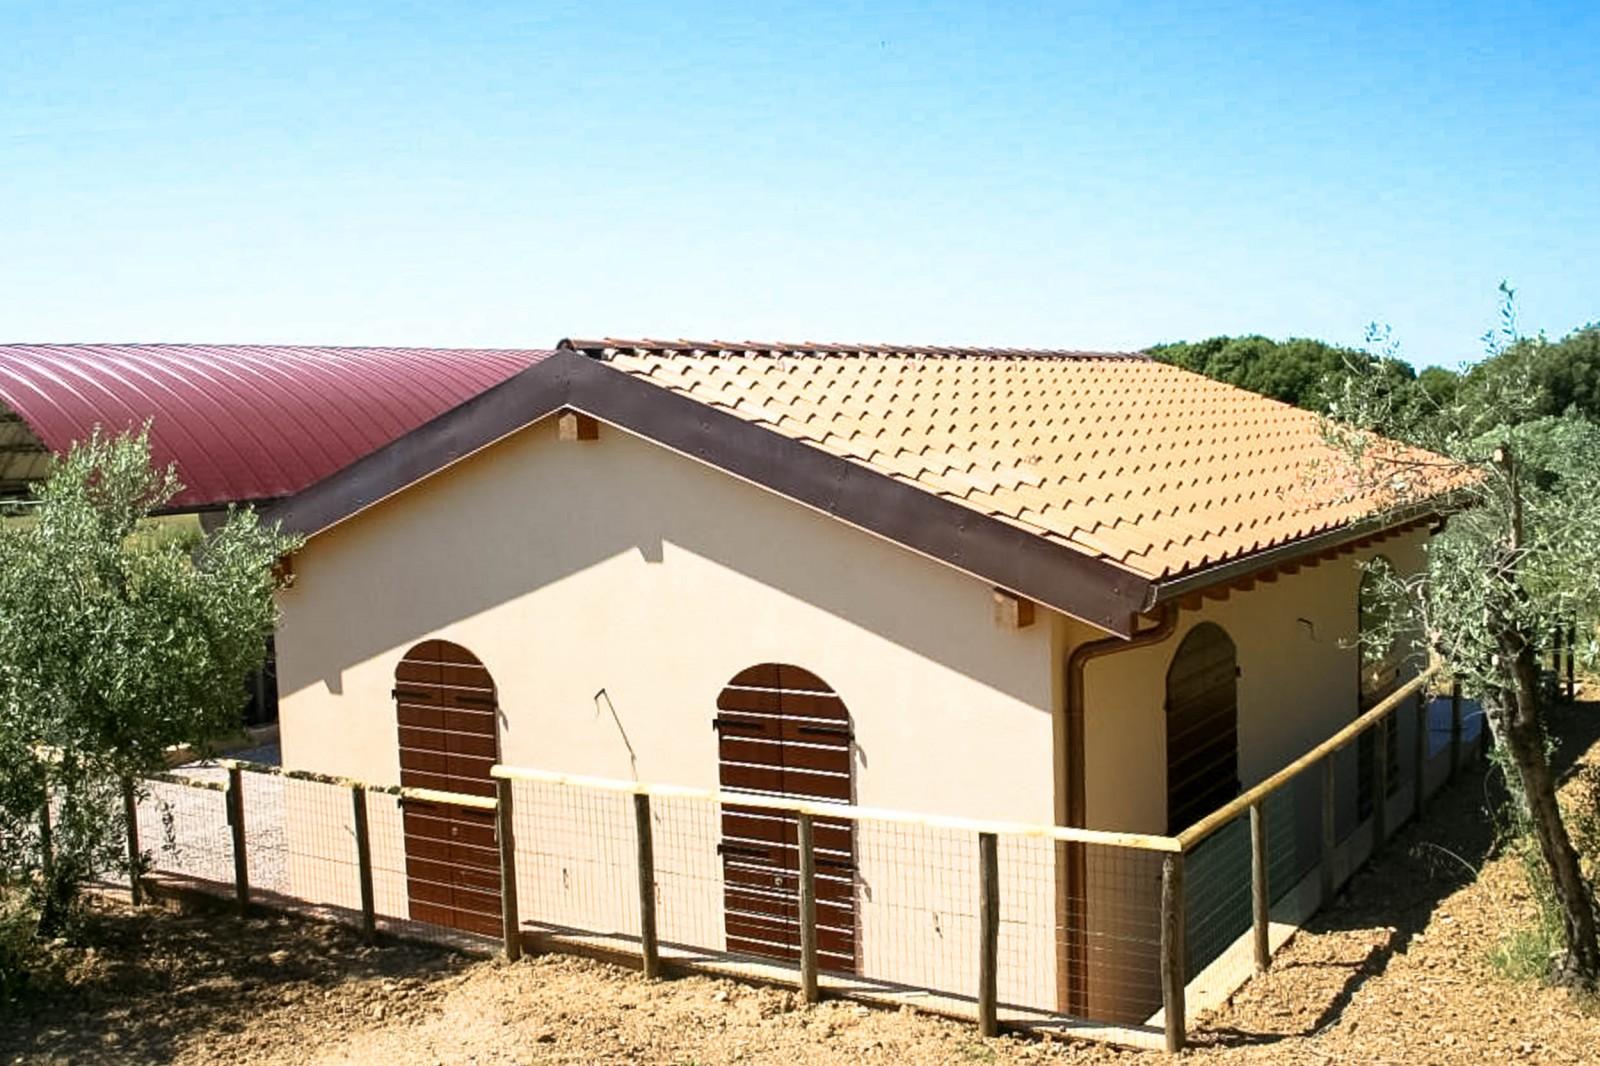 Case prefabbricate in legno il prezzo fisso e certo - Prezzo casa prefabbricata in legno ...